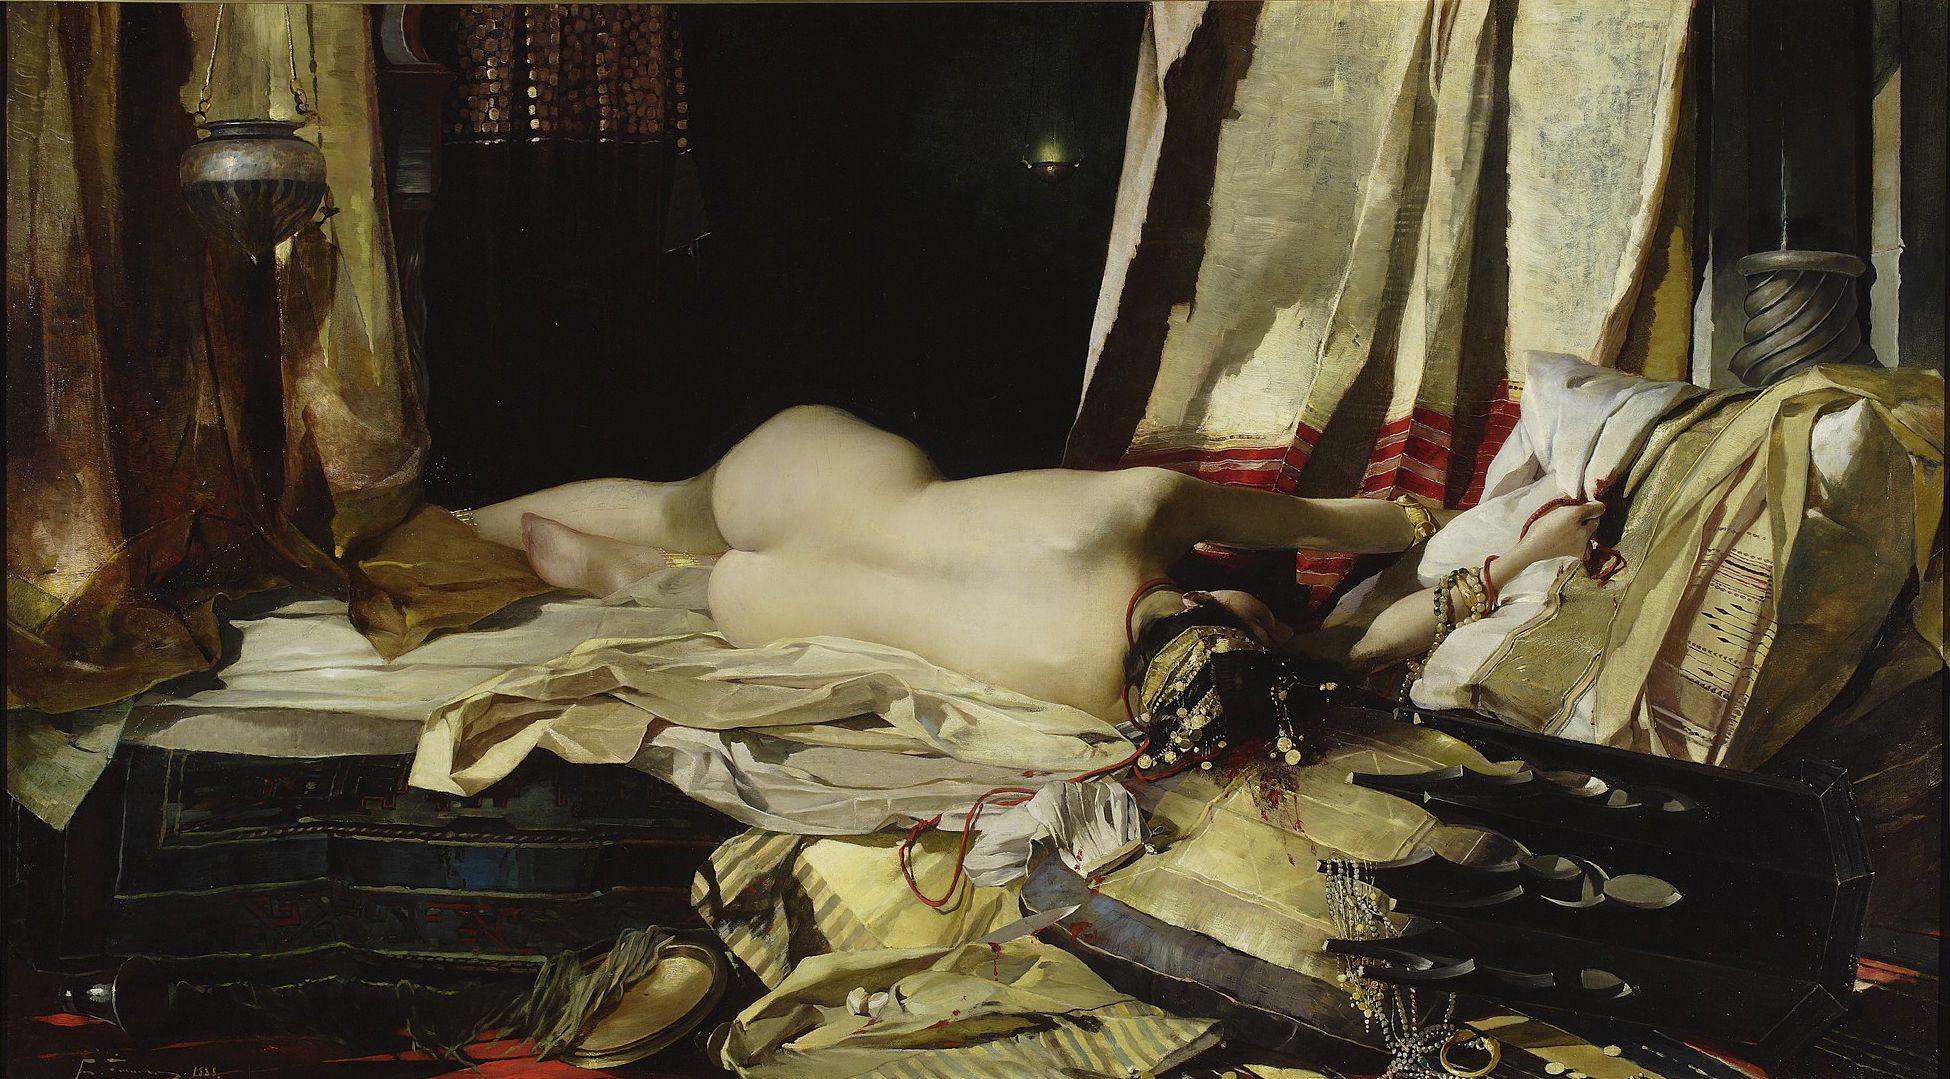 Францішек Жмурко. За наказом падішаха, 1881; п,о; NMW